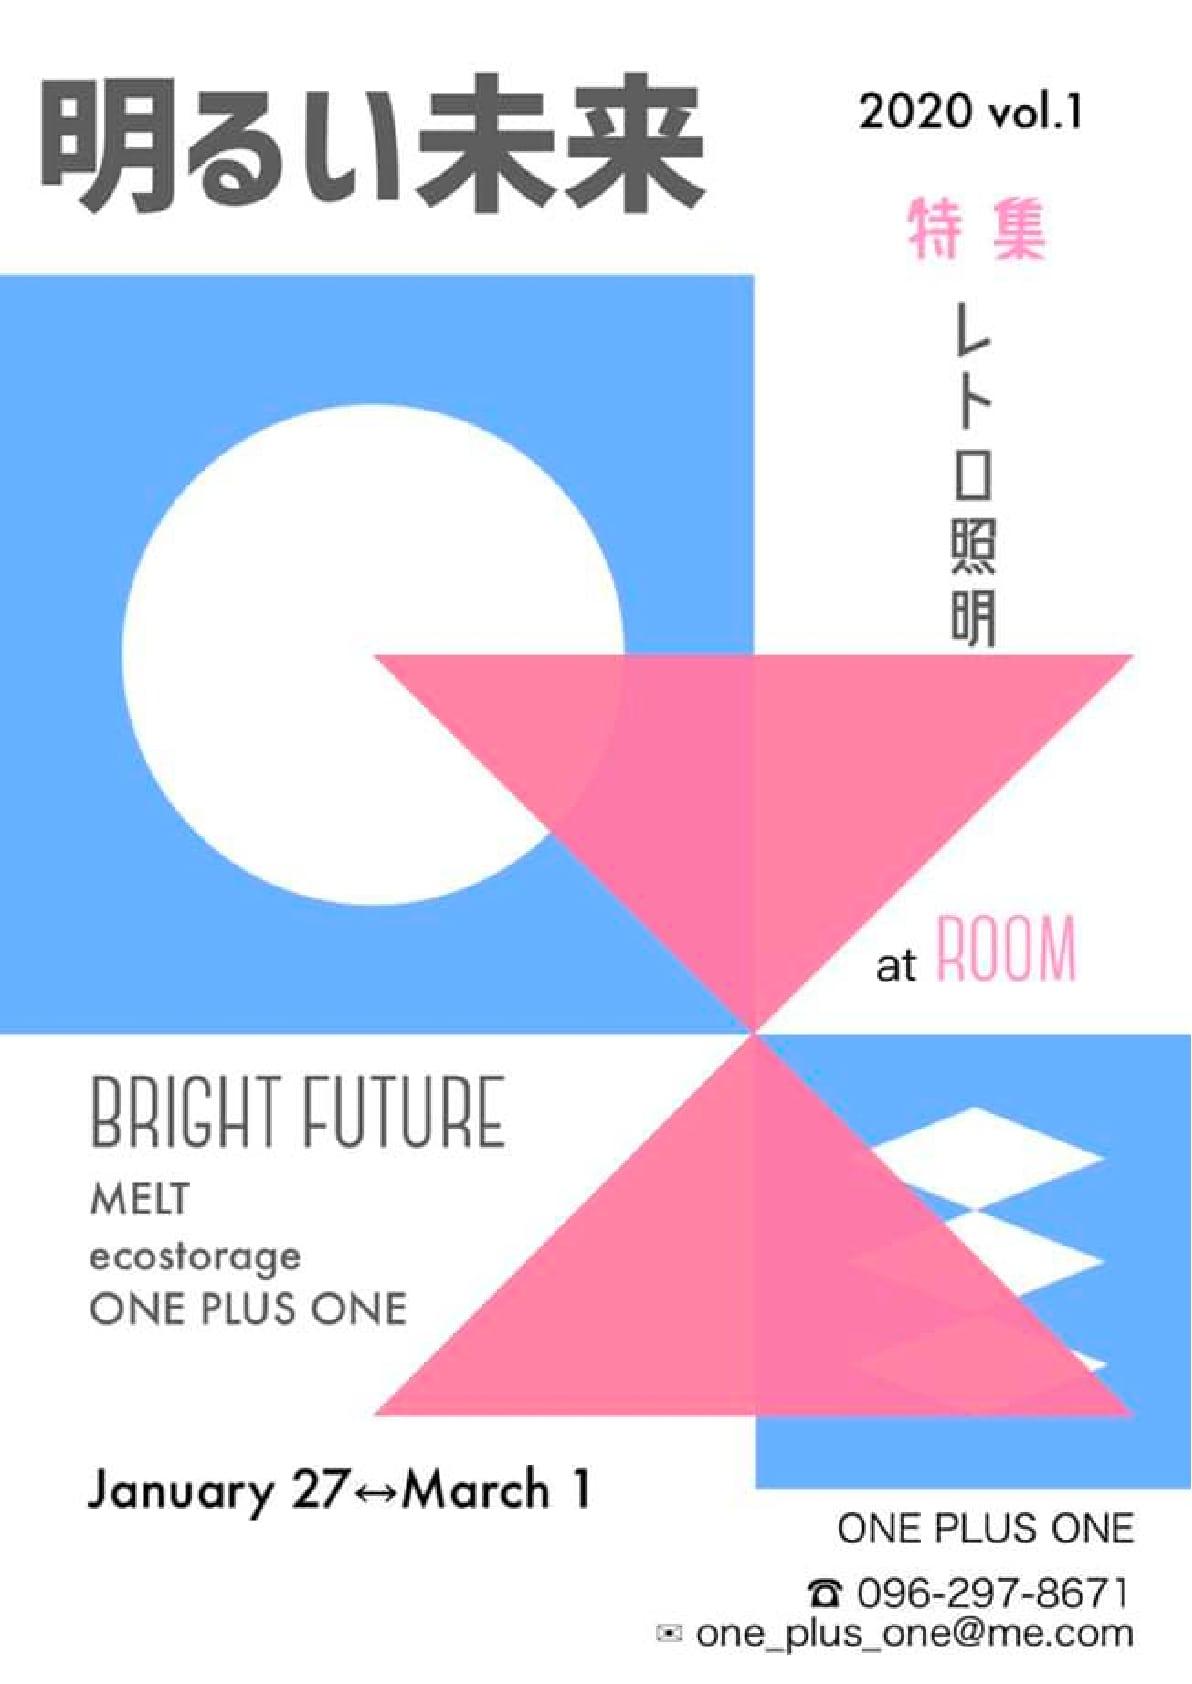 明るい未来 2020 Vol.1チラシ1